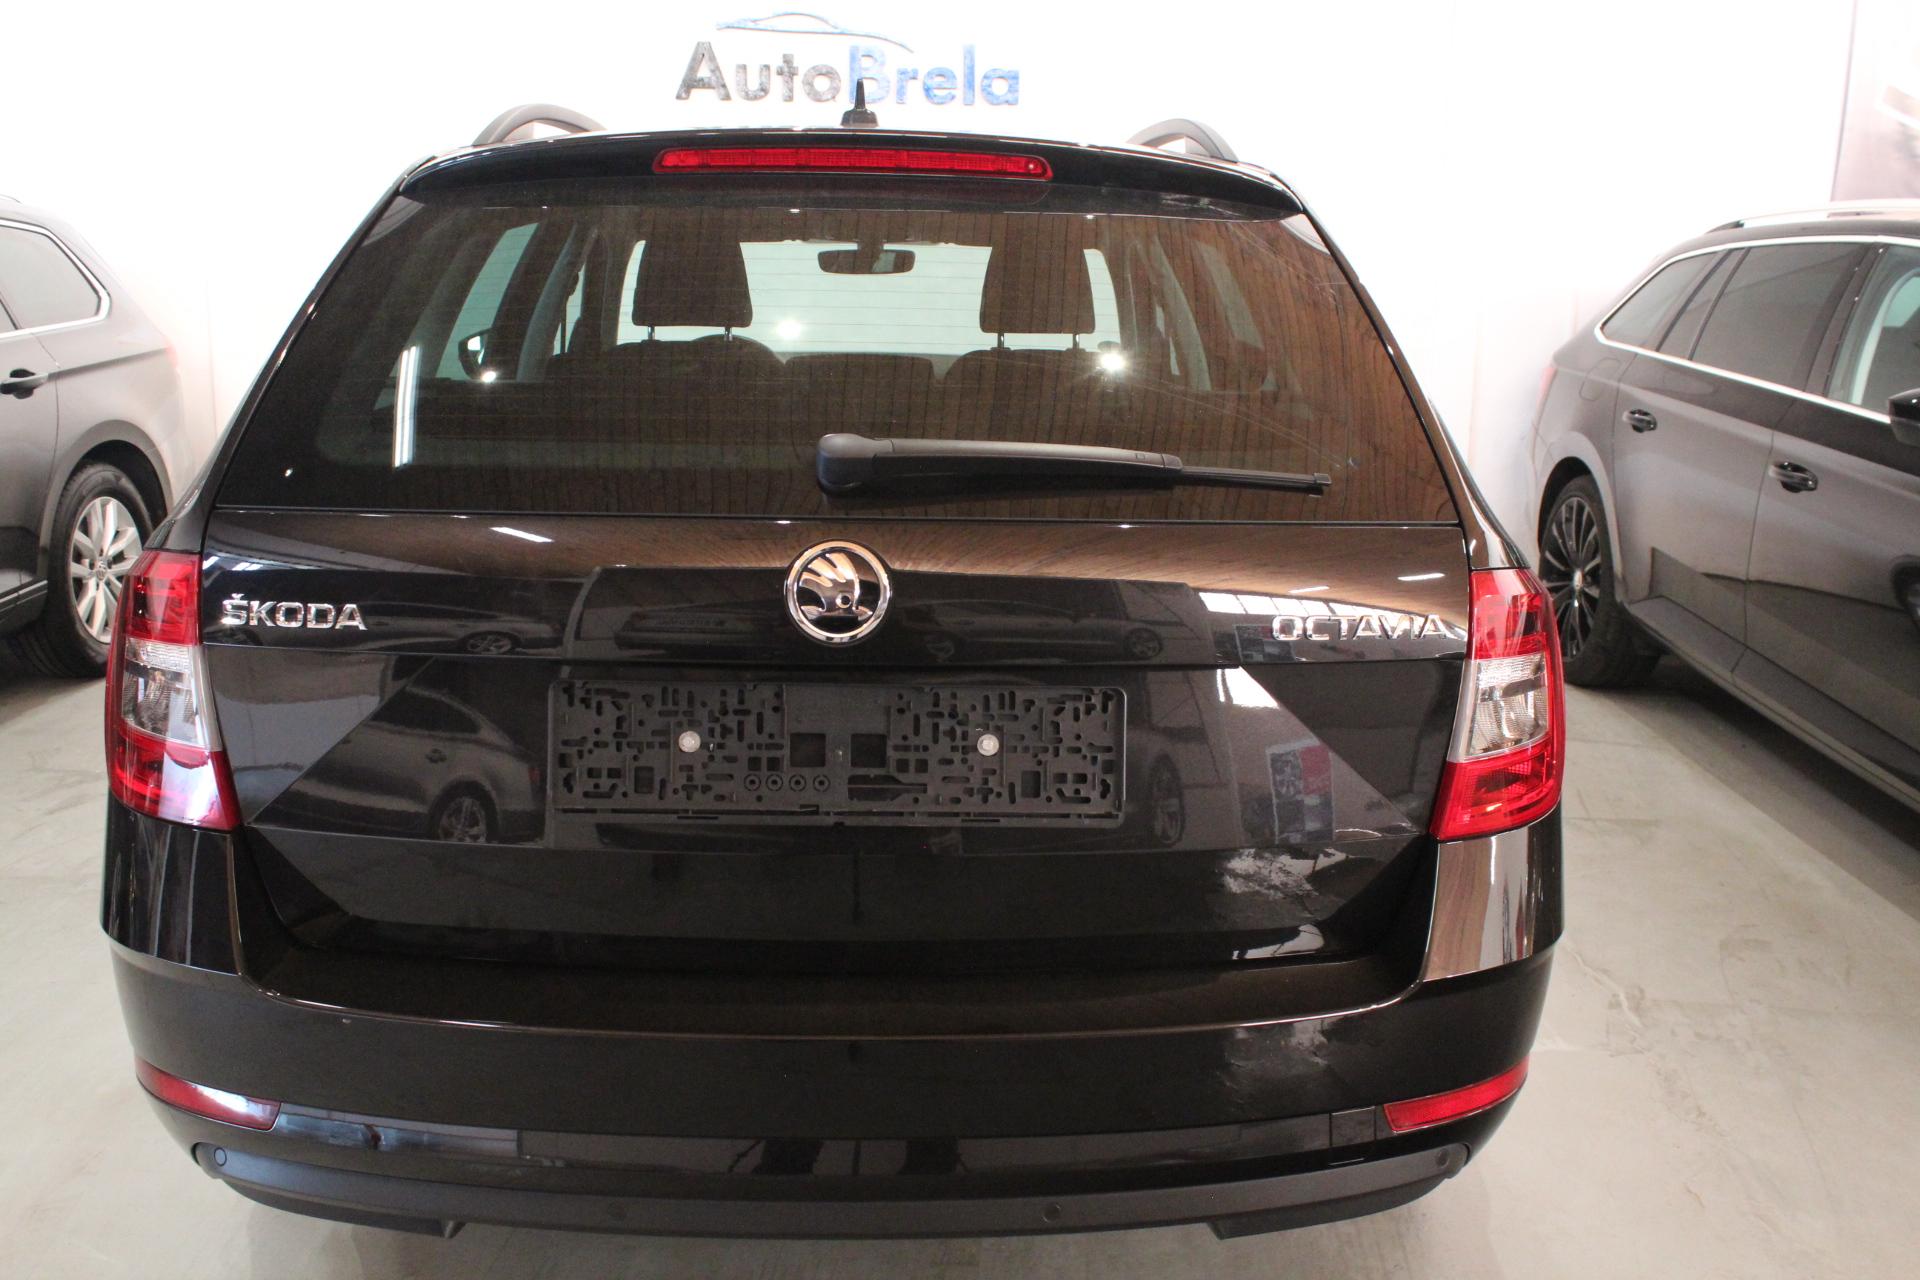 Škoda Octavia III Facelift  2.0 TDI DSG Elegance Navigace - AutoBrela obrázek